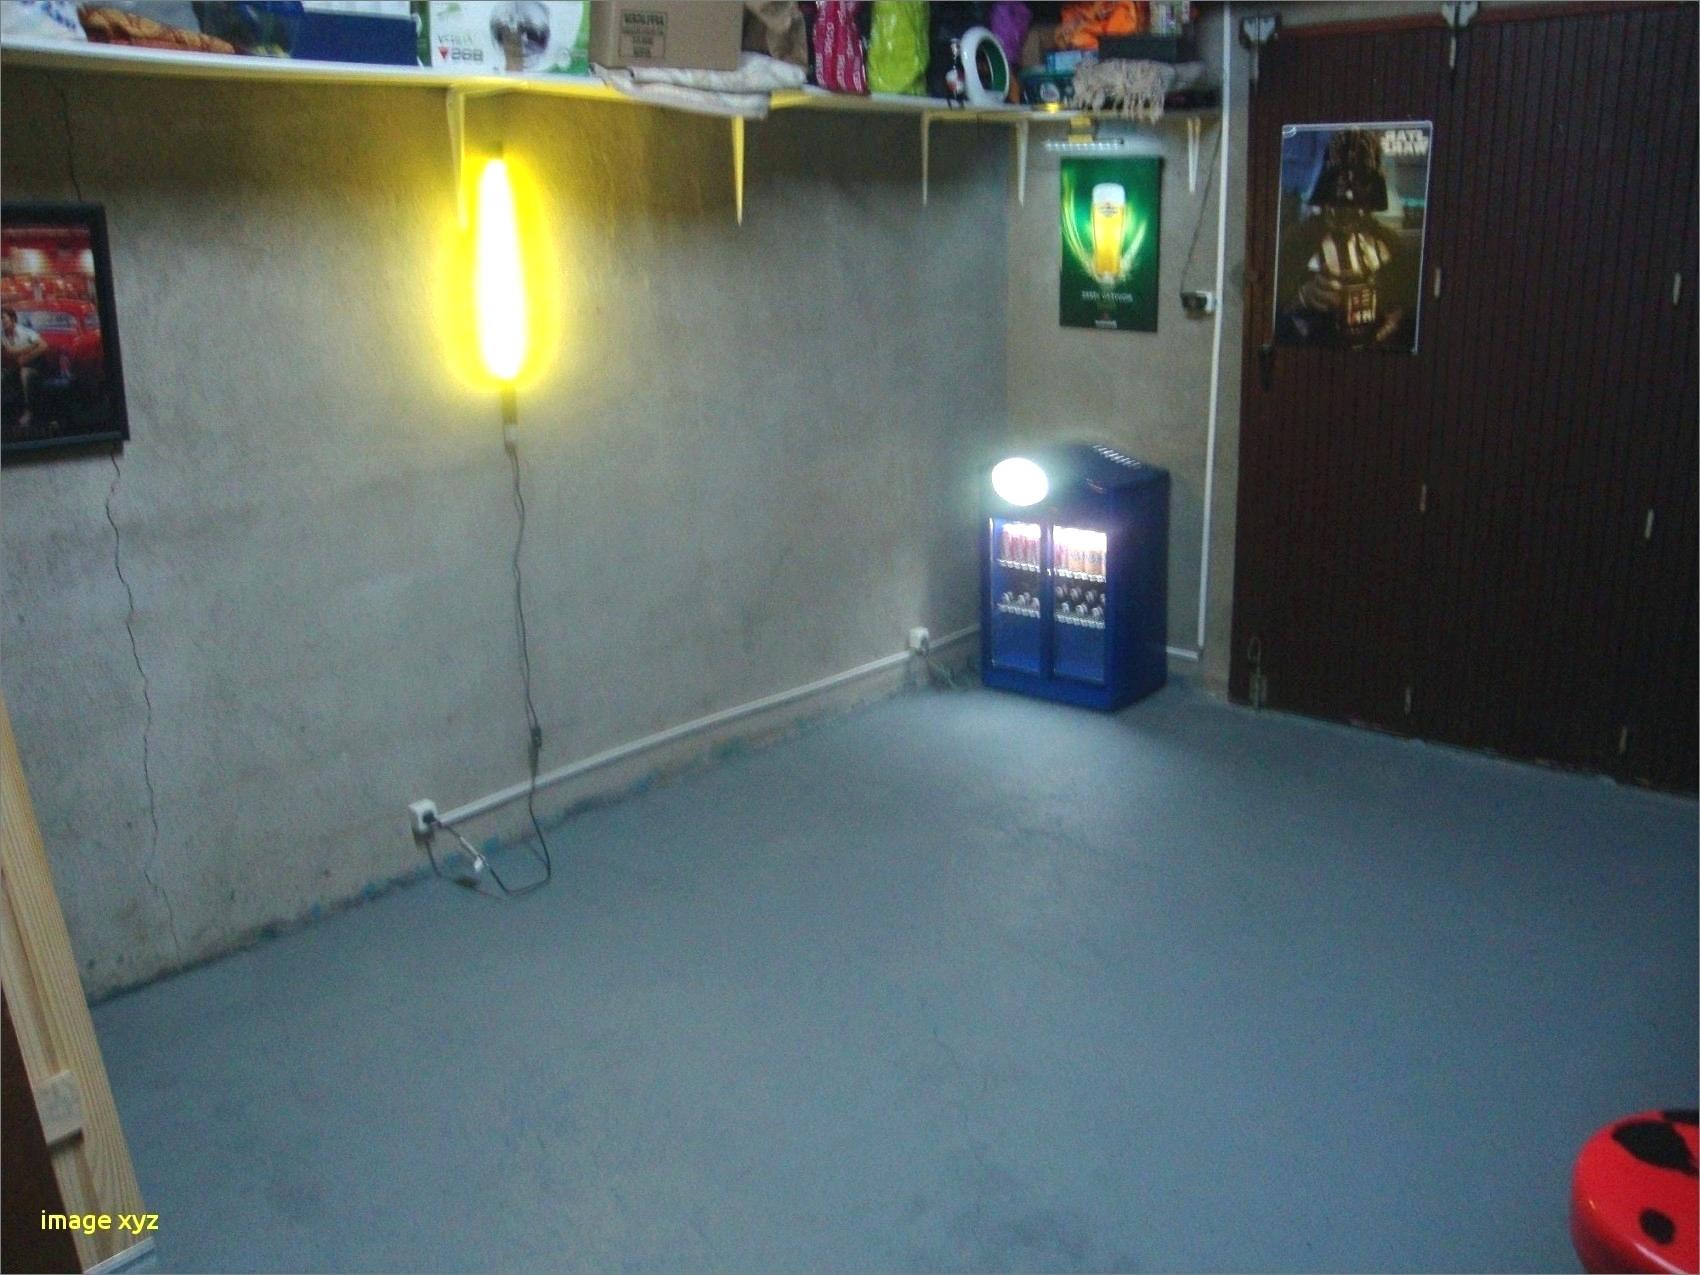 Acheter Peinture Baufix Luxe Photos Peindre sol Garage Avec Peinture De sol B ton Haute R Sistance Aux